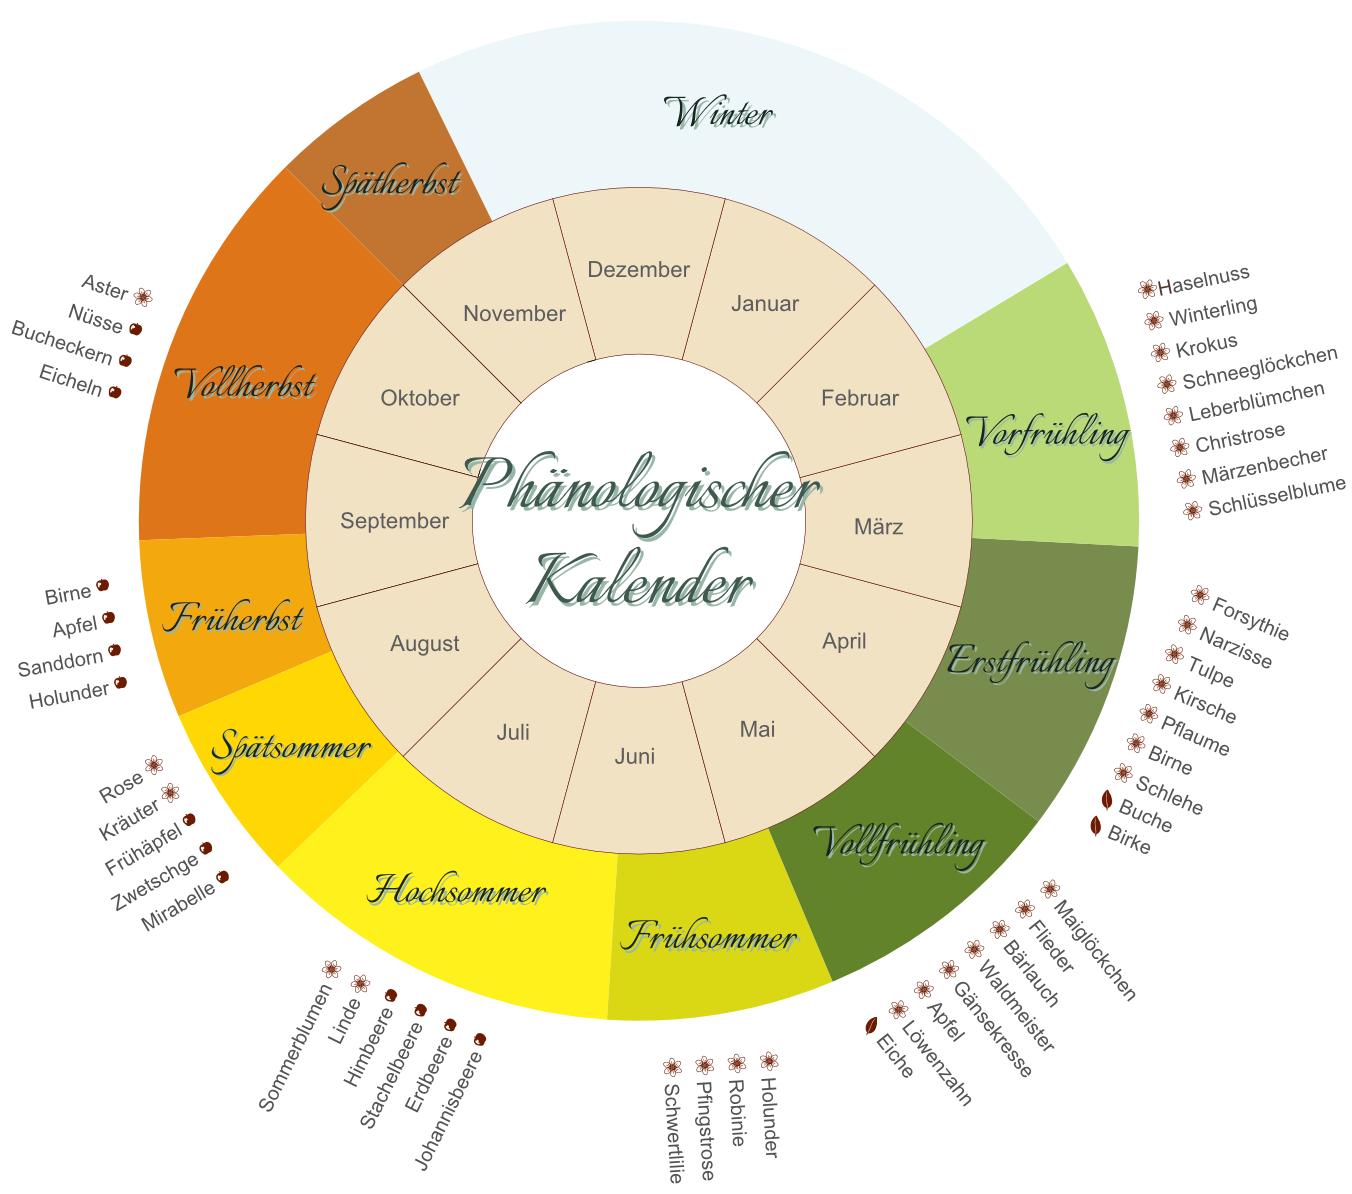 Der Gartenkalender Der Jahreszeiten Lilienweg Blog